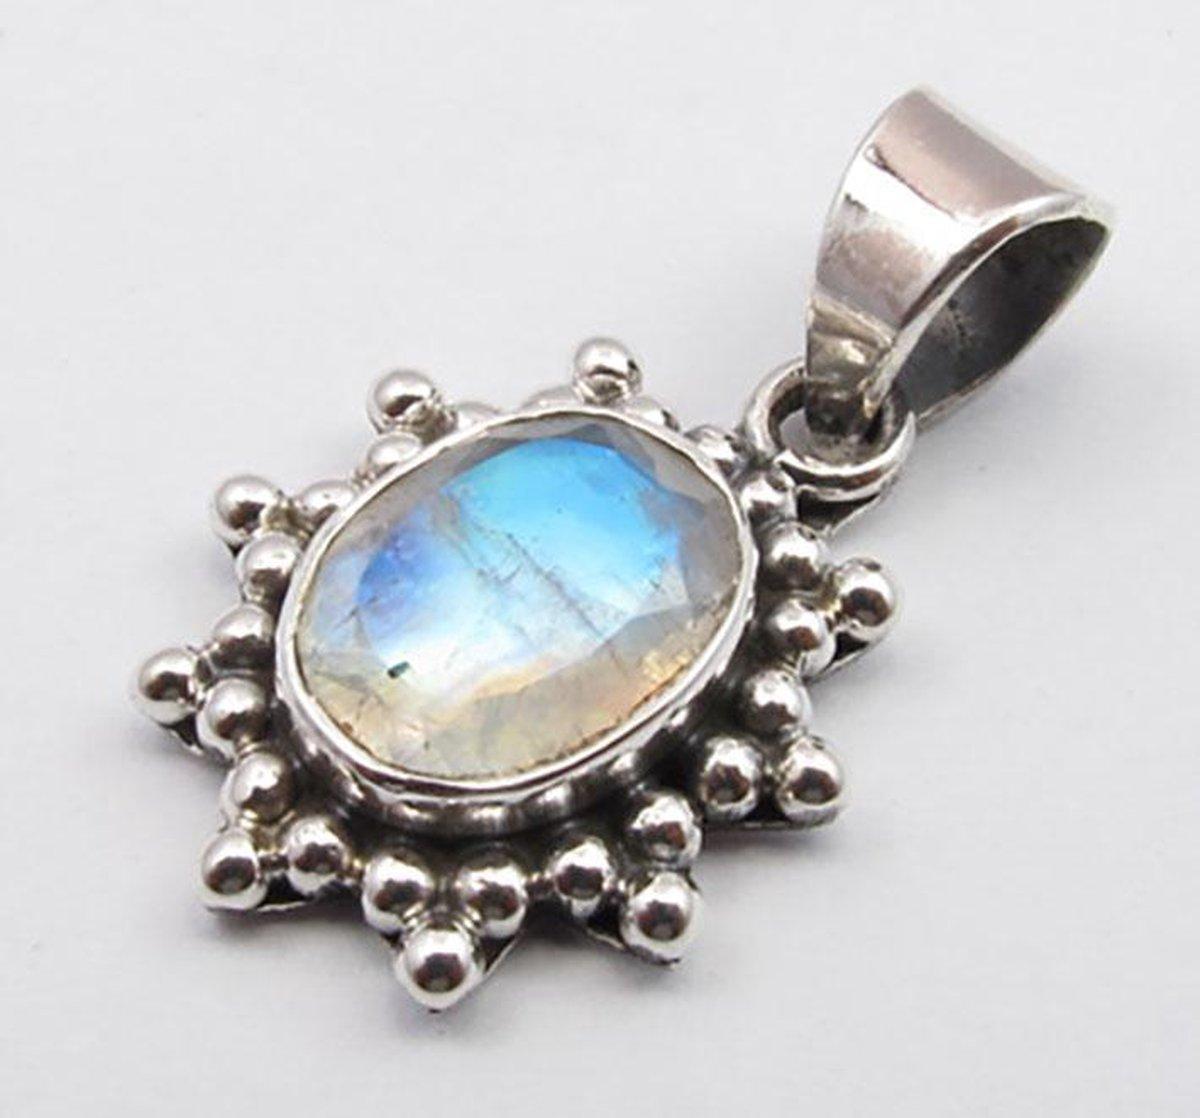 Natuursieraad -  925 sterling zilver maansteen ketting hanger pendant - luxe edelsteen sieraad - handgemaakt - Terra Edela